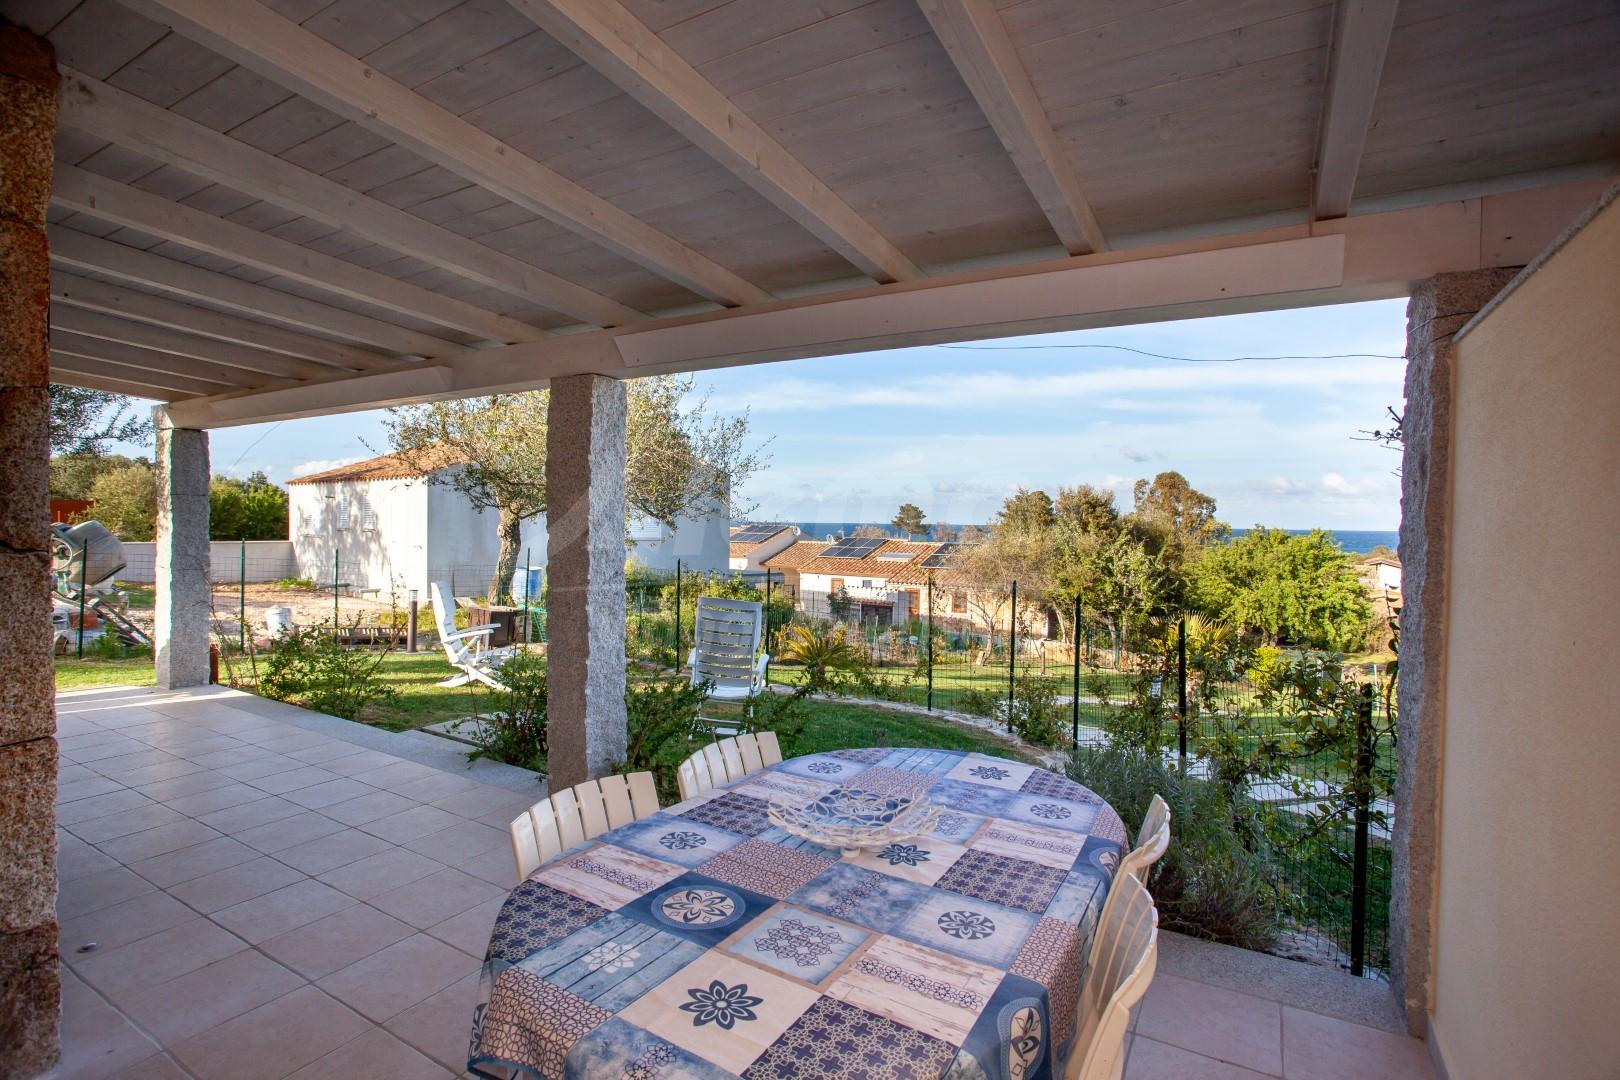 Case vacanza Villetta Lorenzo a San Teodoro, Sardegna